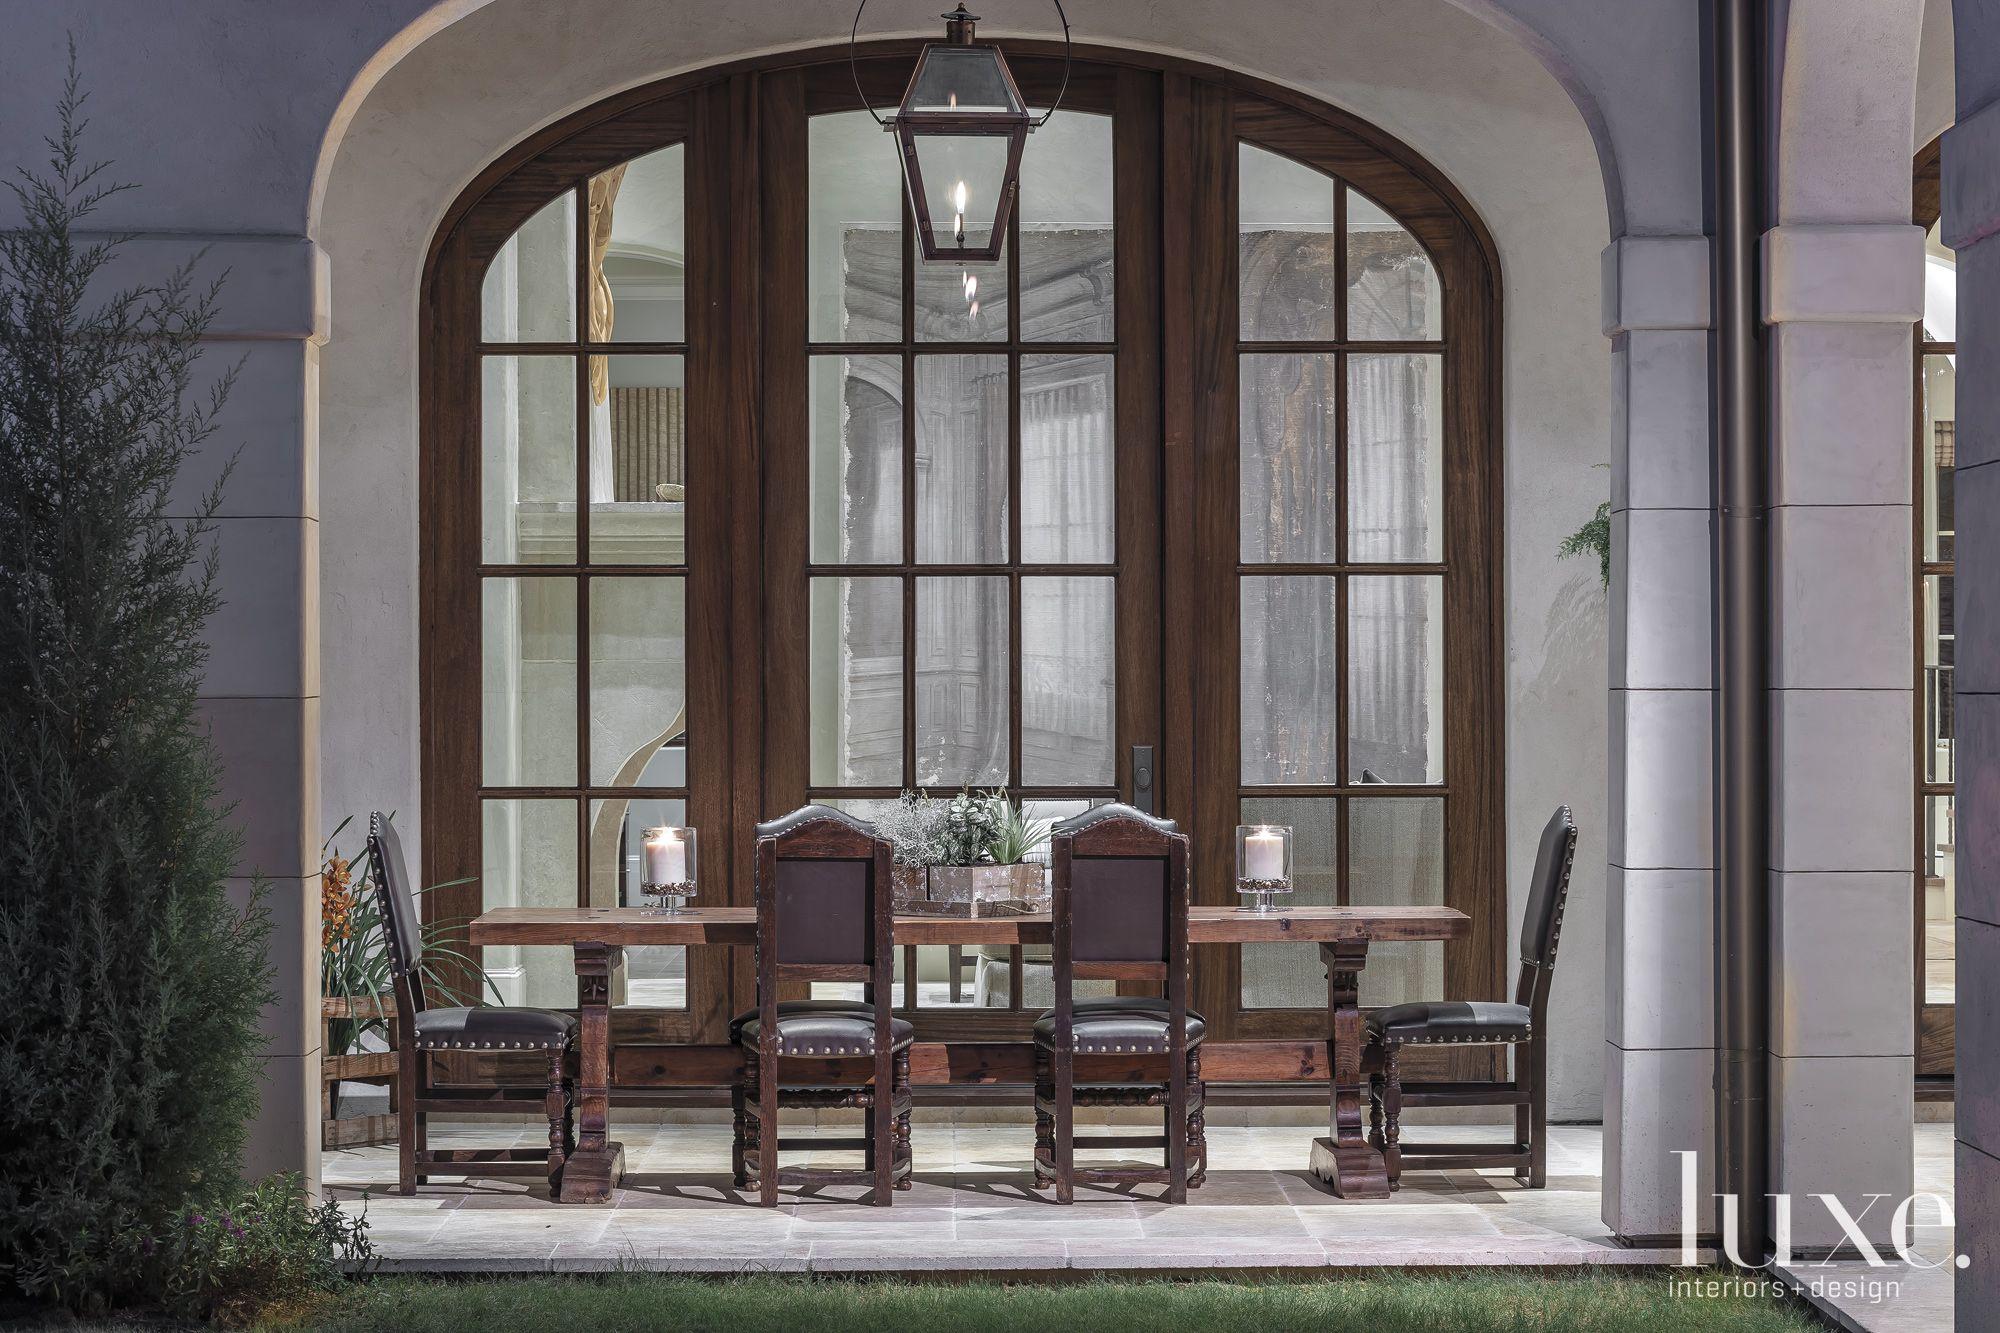 Italian Style Outdoor Dining Area